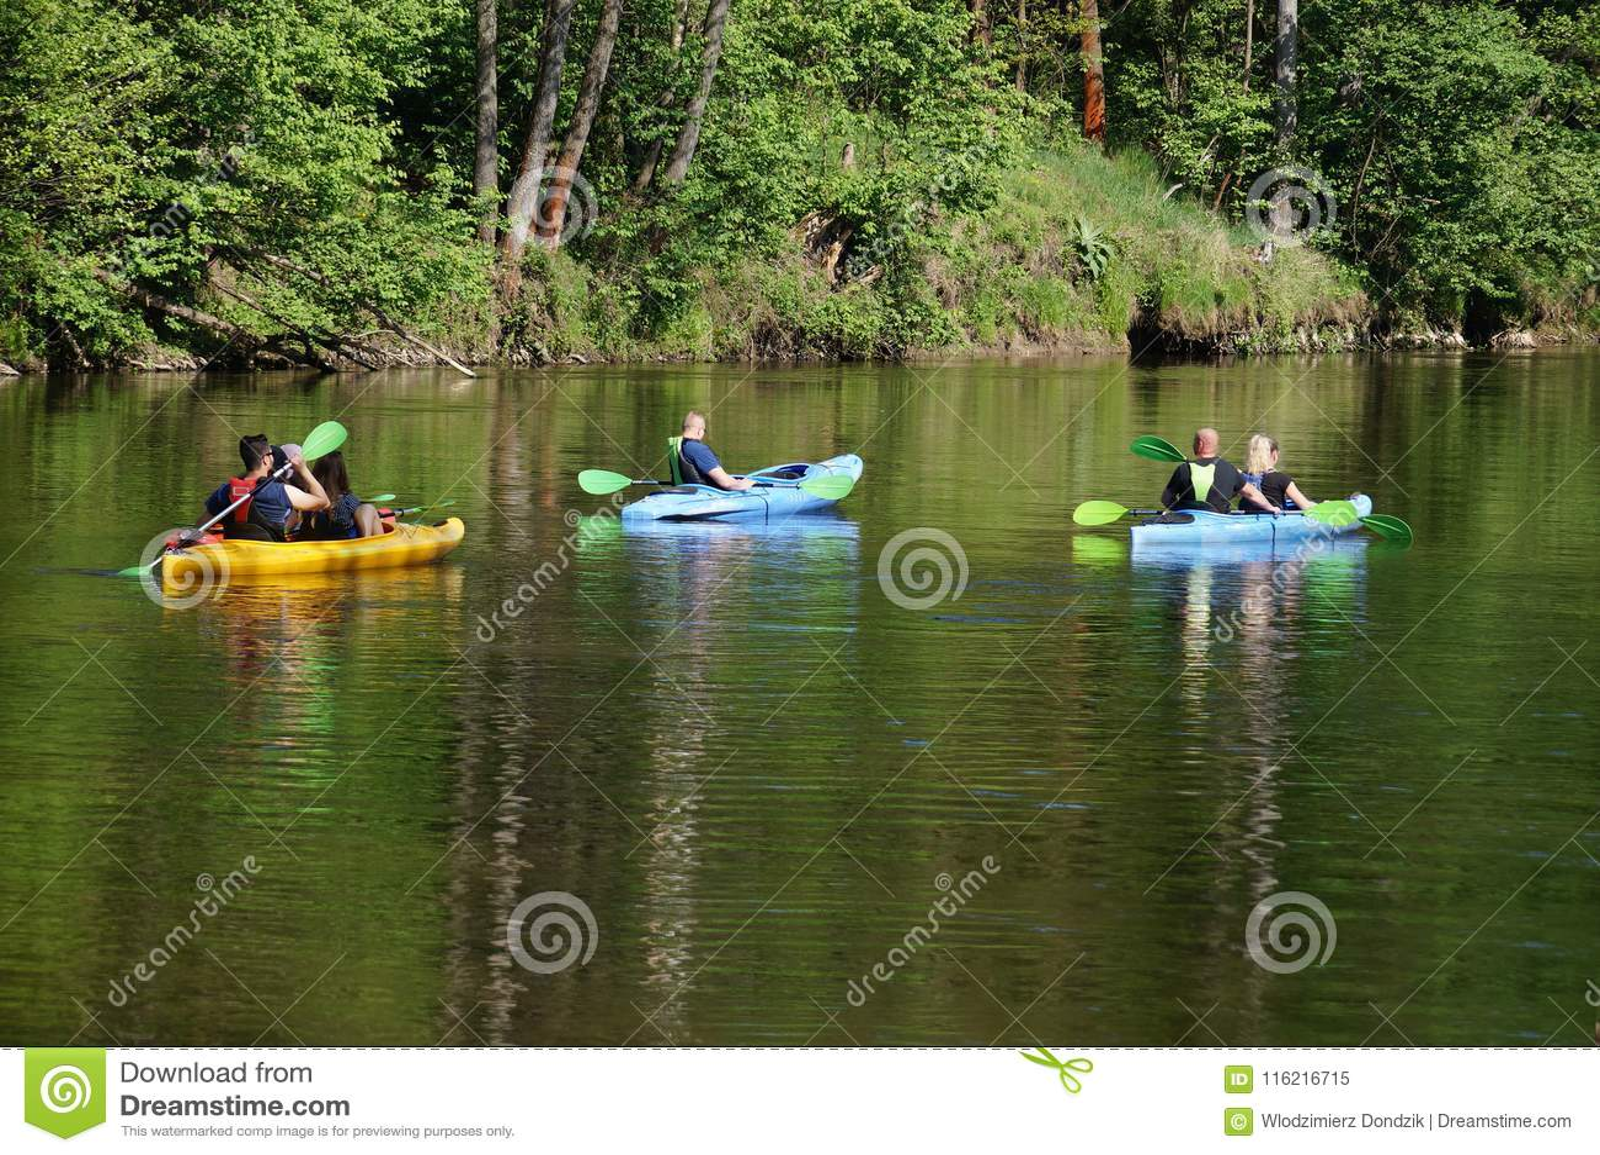 Kajakarstwo rzeka